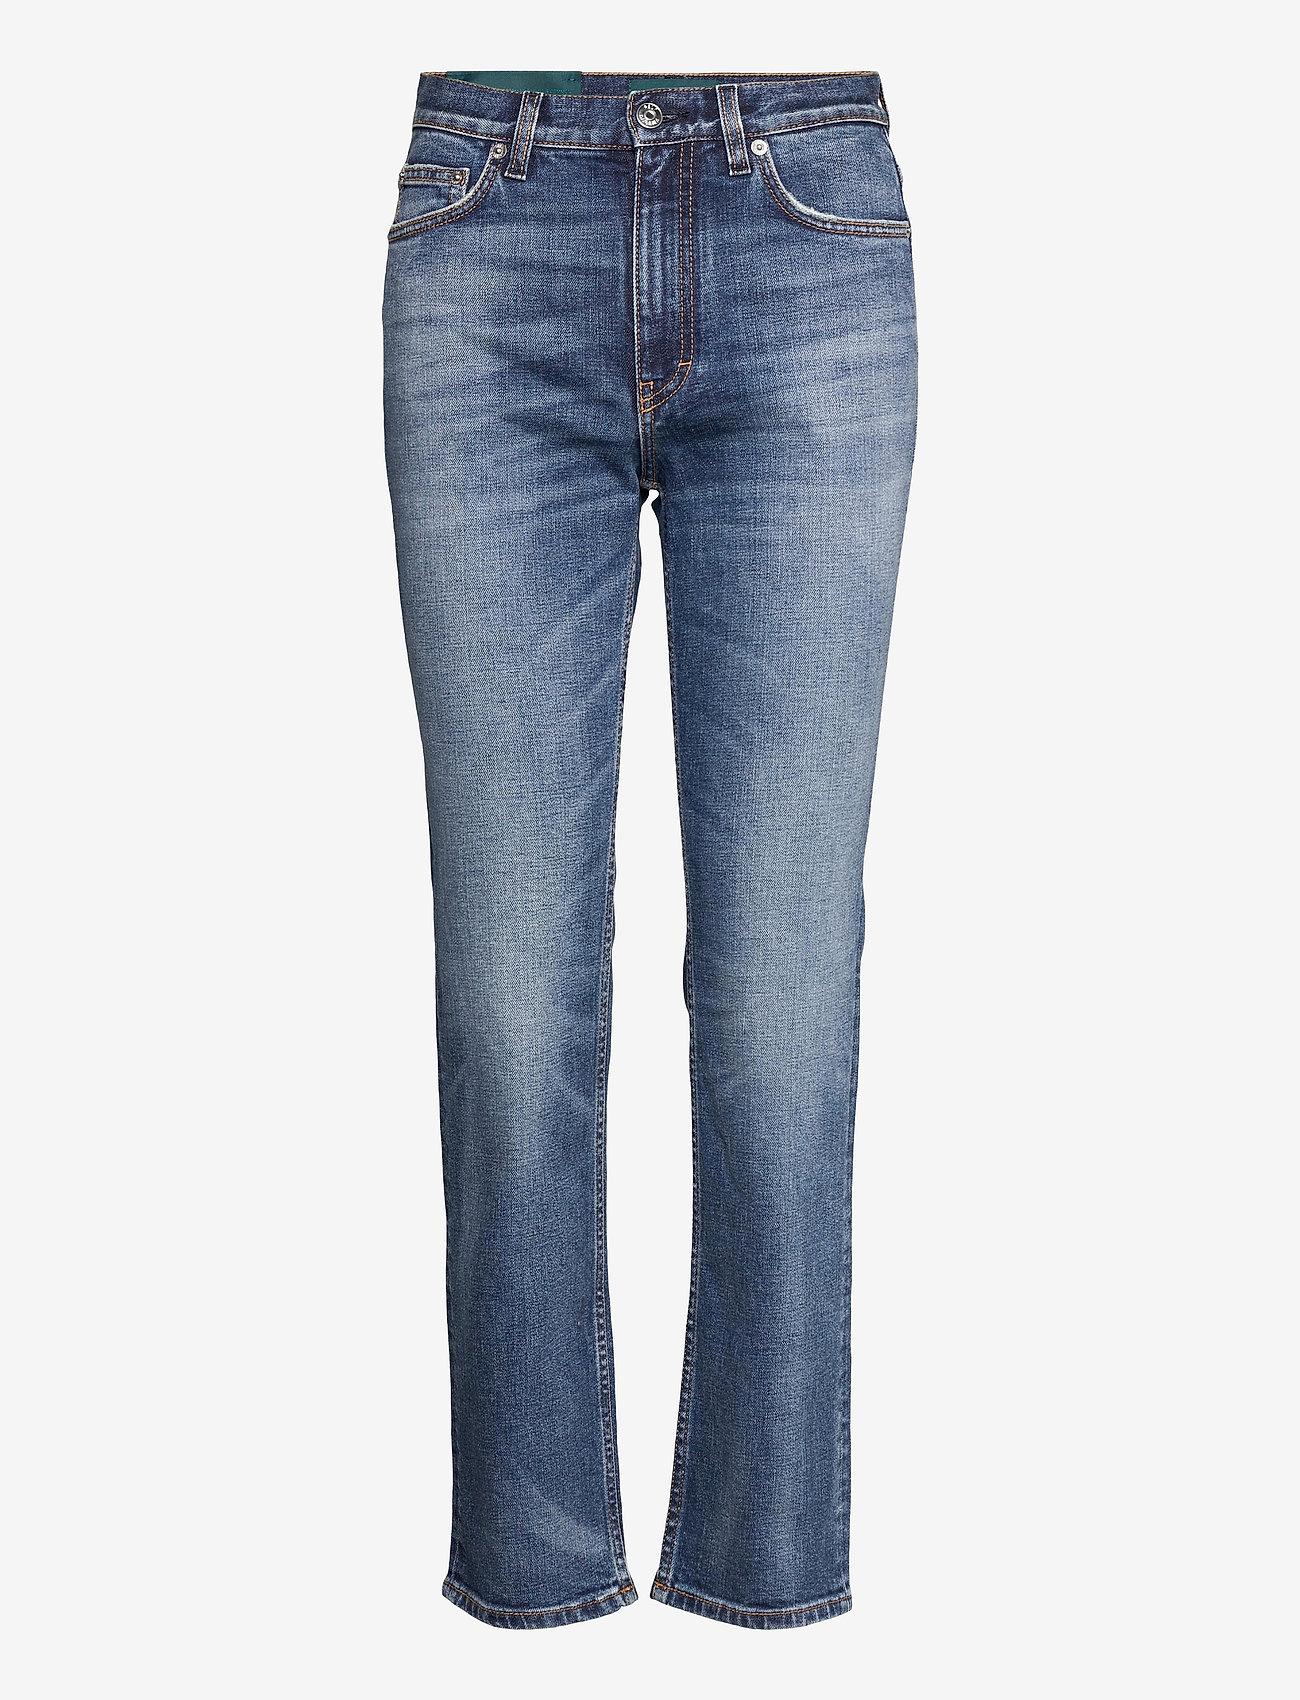 Self Cinema - Womens Slim Straight Jean Embroidered - straight regular - mid blue vintage - 0